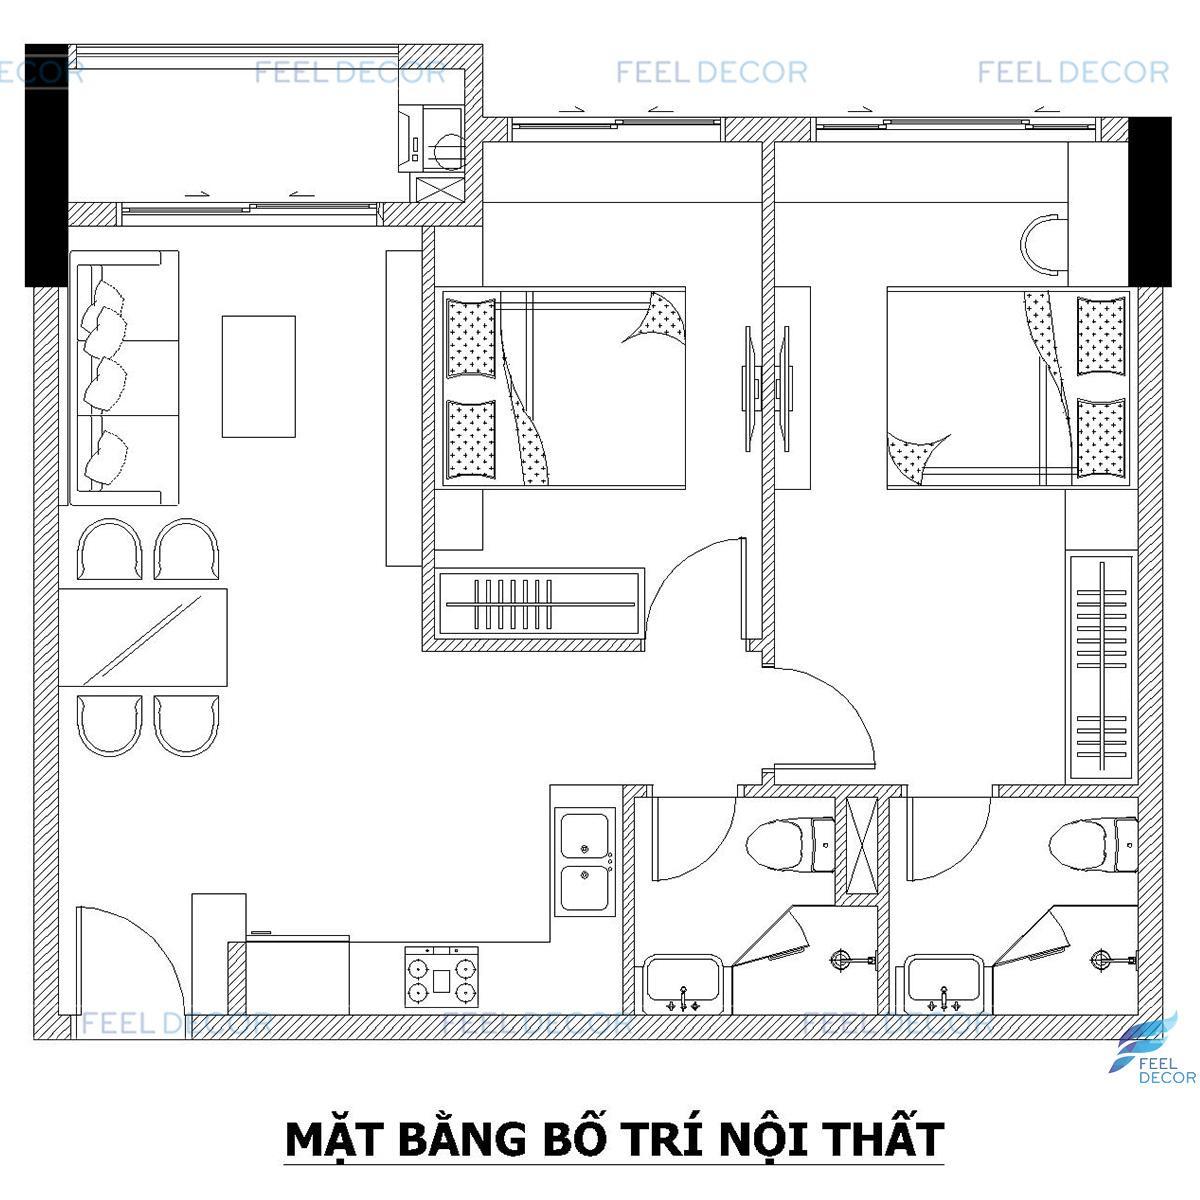 Thiết kế thi công nội thất căn hộ chung cư Botanica Premier